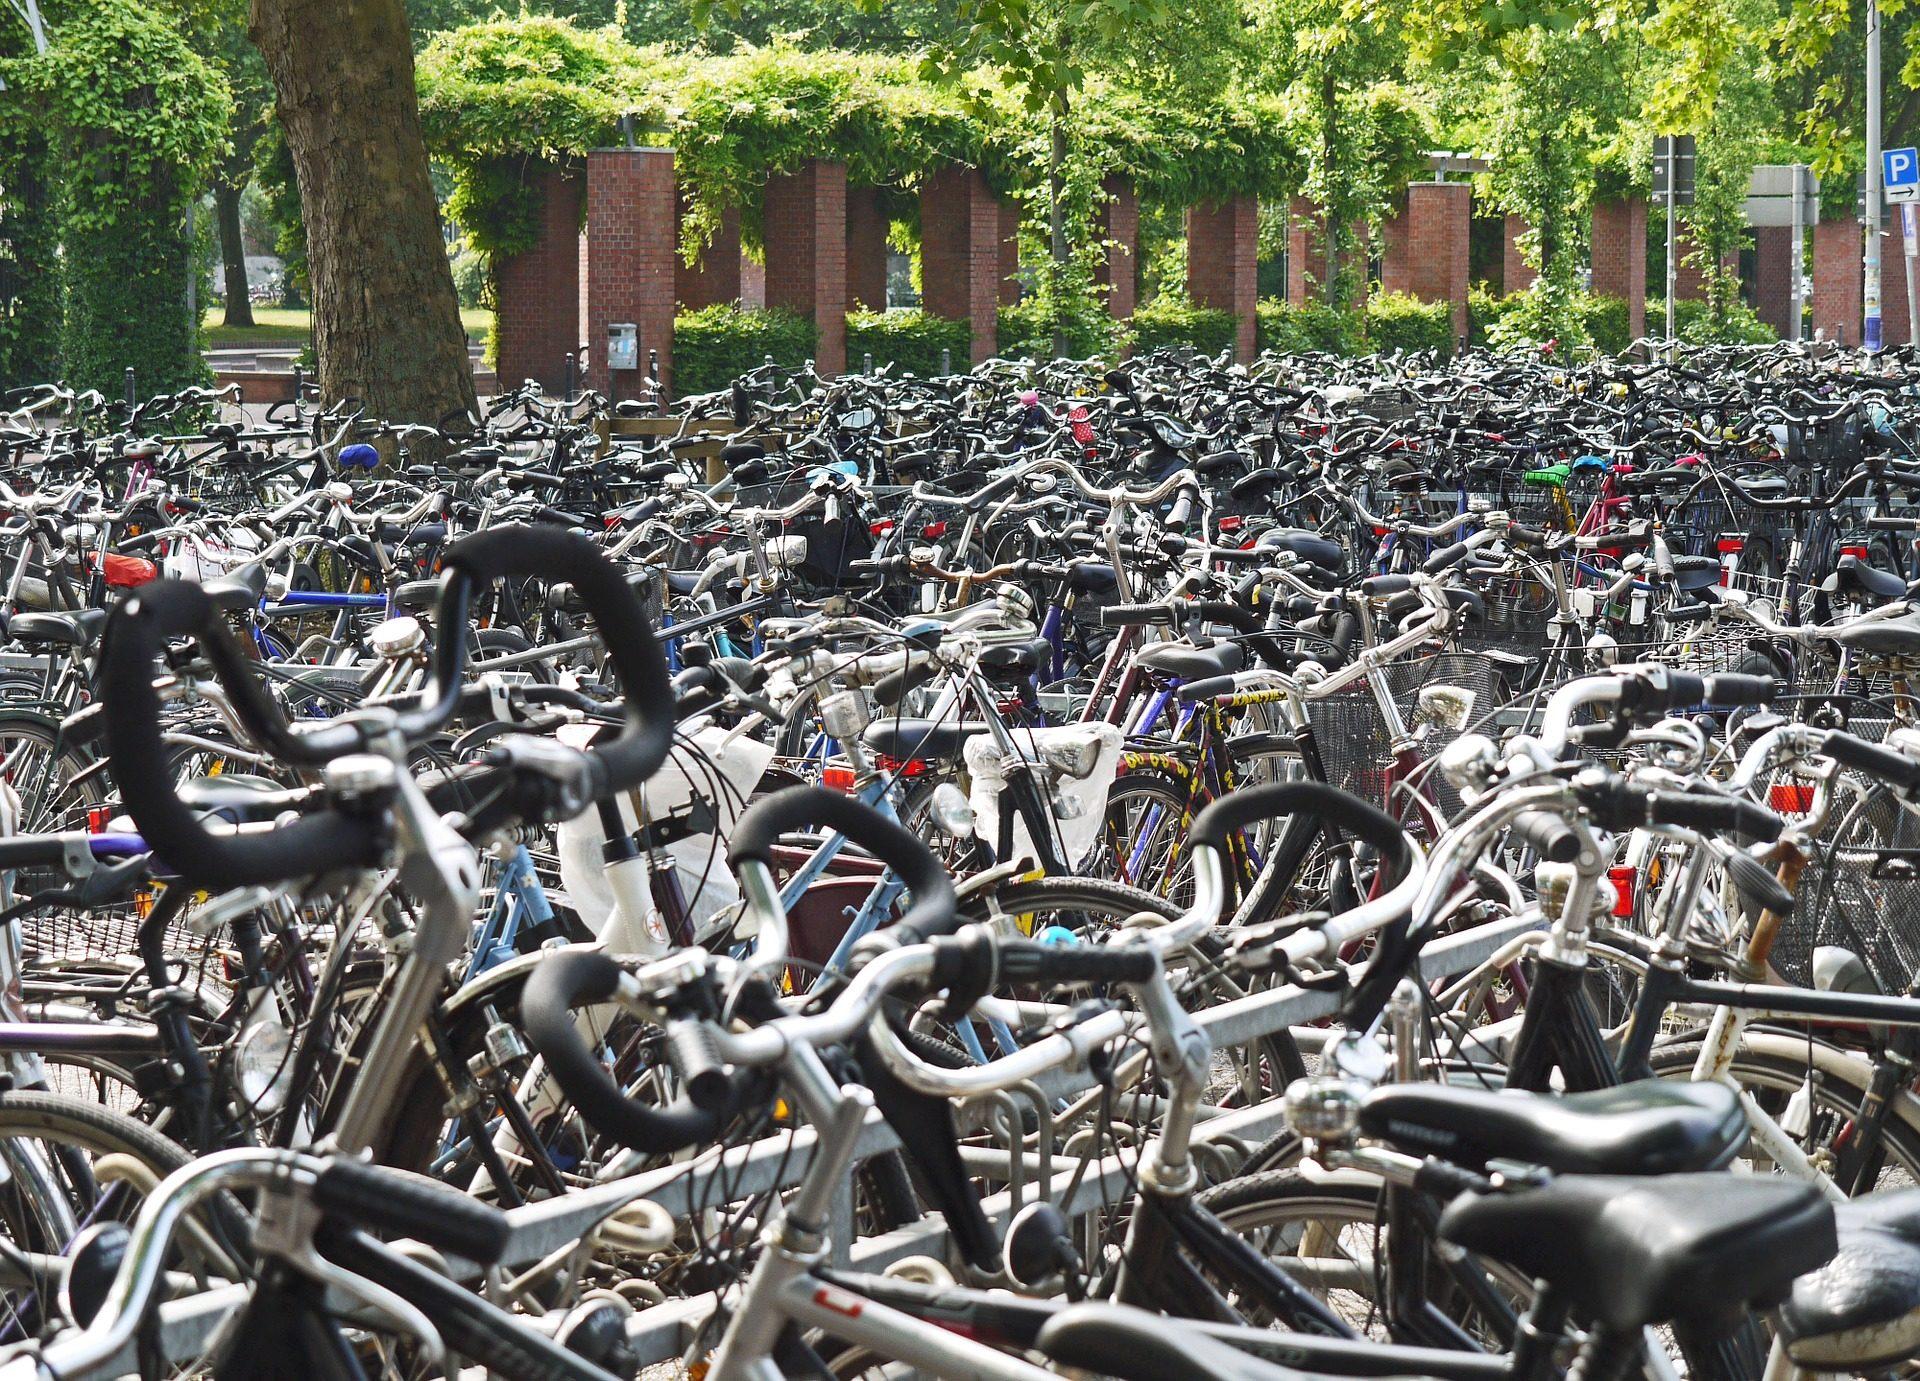 bicicletas, aparcamiento, Parque de estacionamento, aglomeração, diversidade - Papéis de parede HD - Professor-falken.com